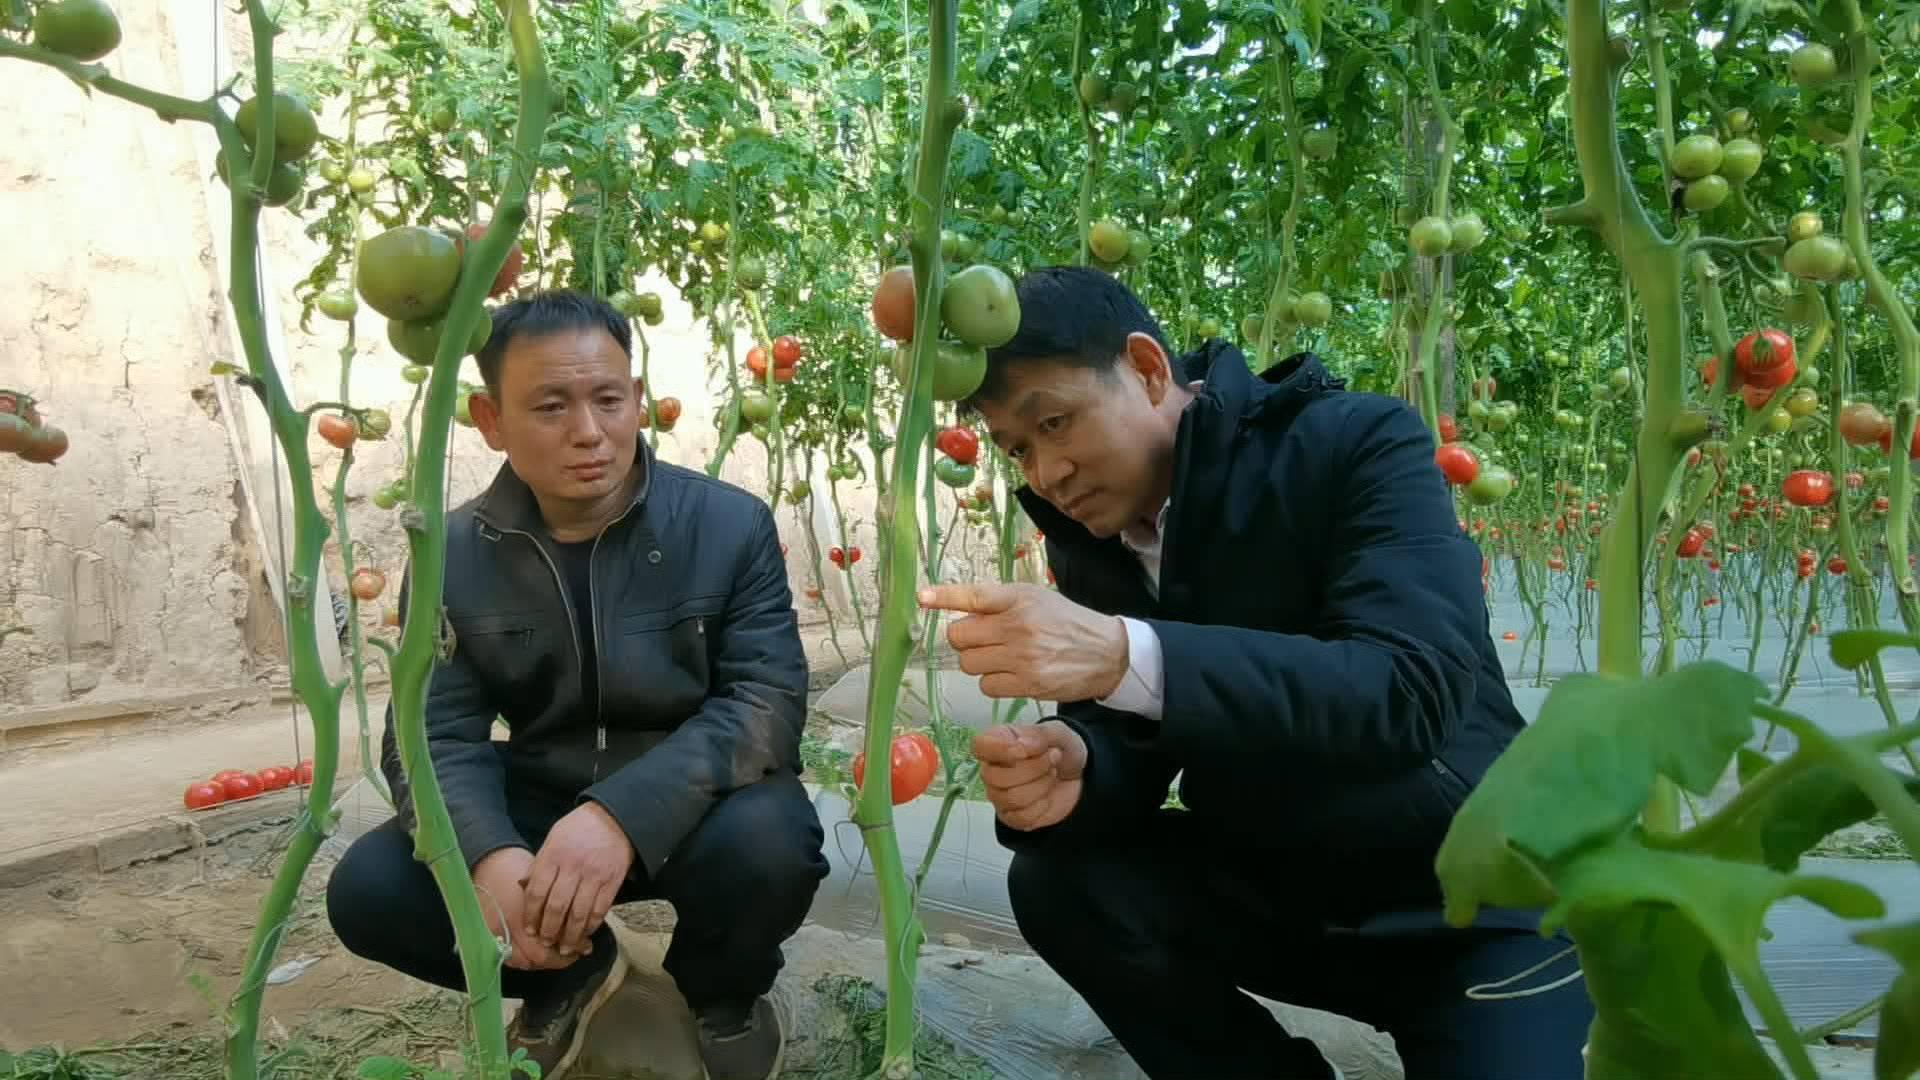 当水果吃的西红柿 何以成了村民致富果?